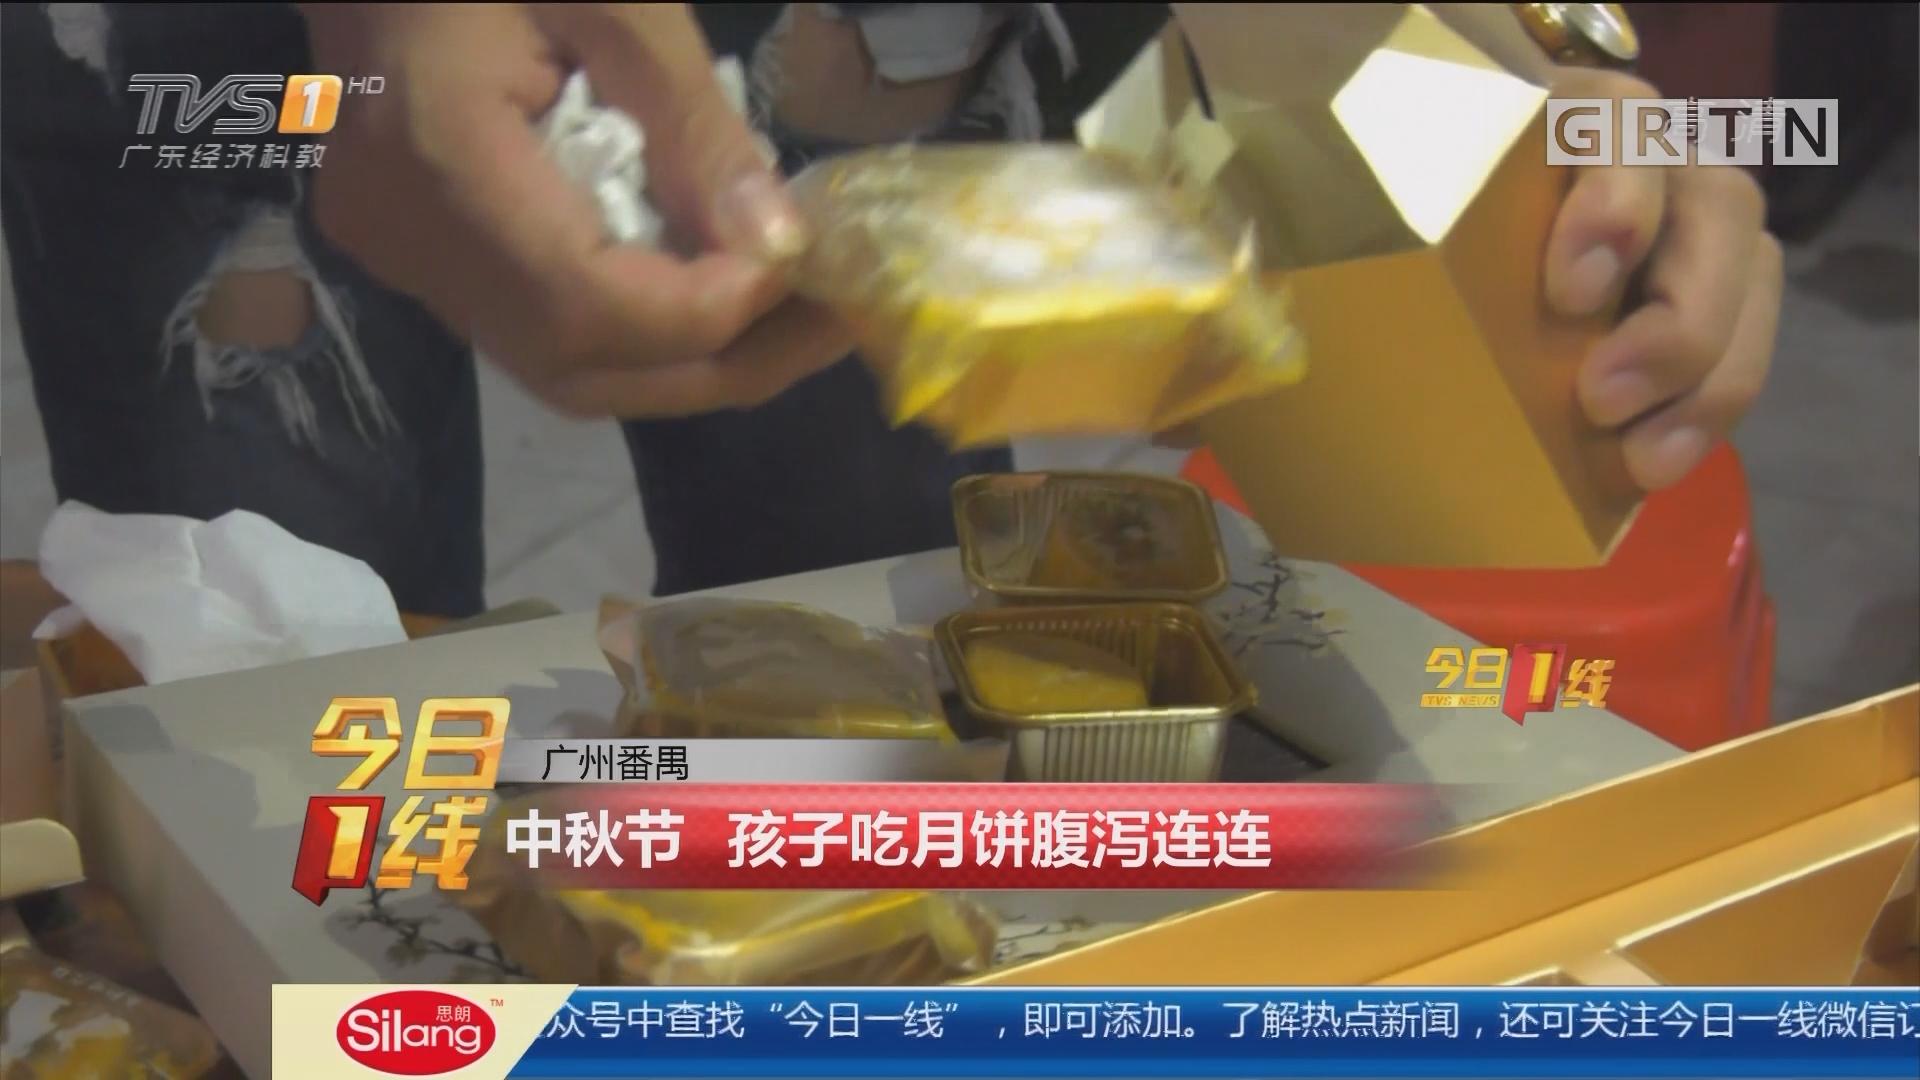 广州番禺:中秋节 孩子吃月饼腹泻连连